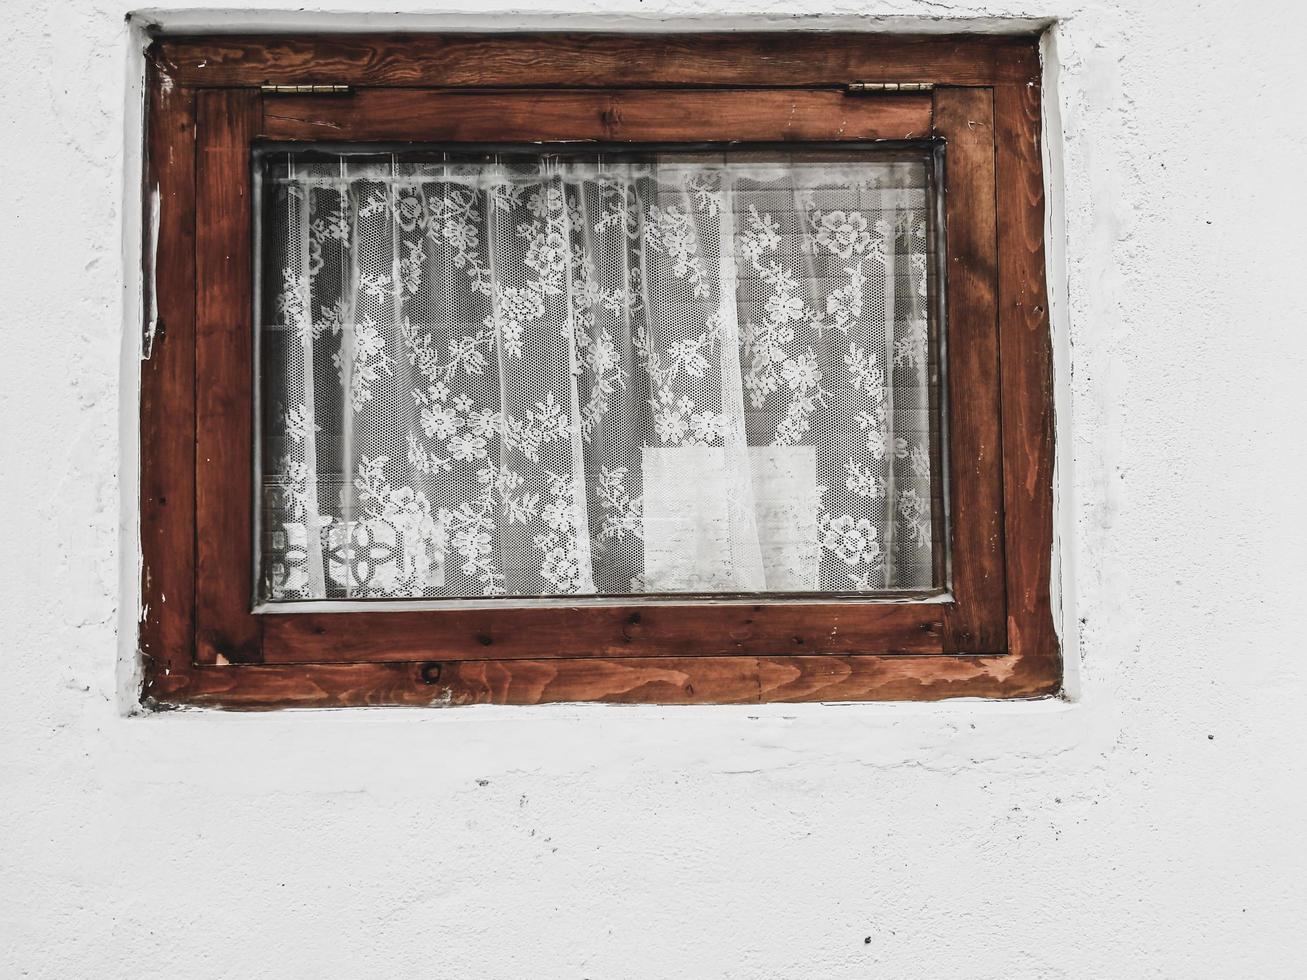 janela rústica com cortinas de renda branca. parede de cimento grunge com janela vintage foto